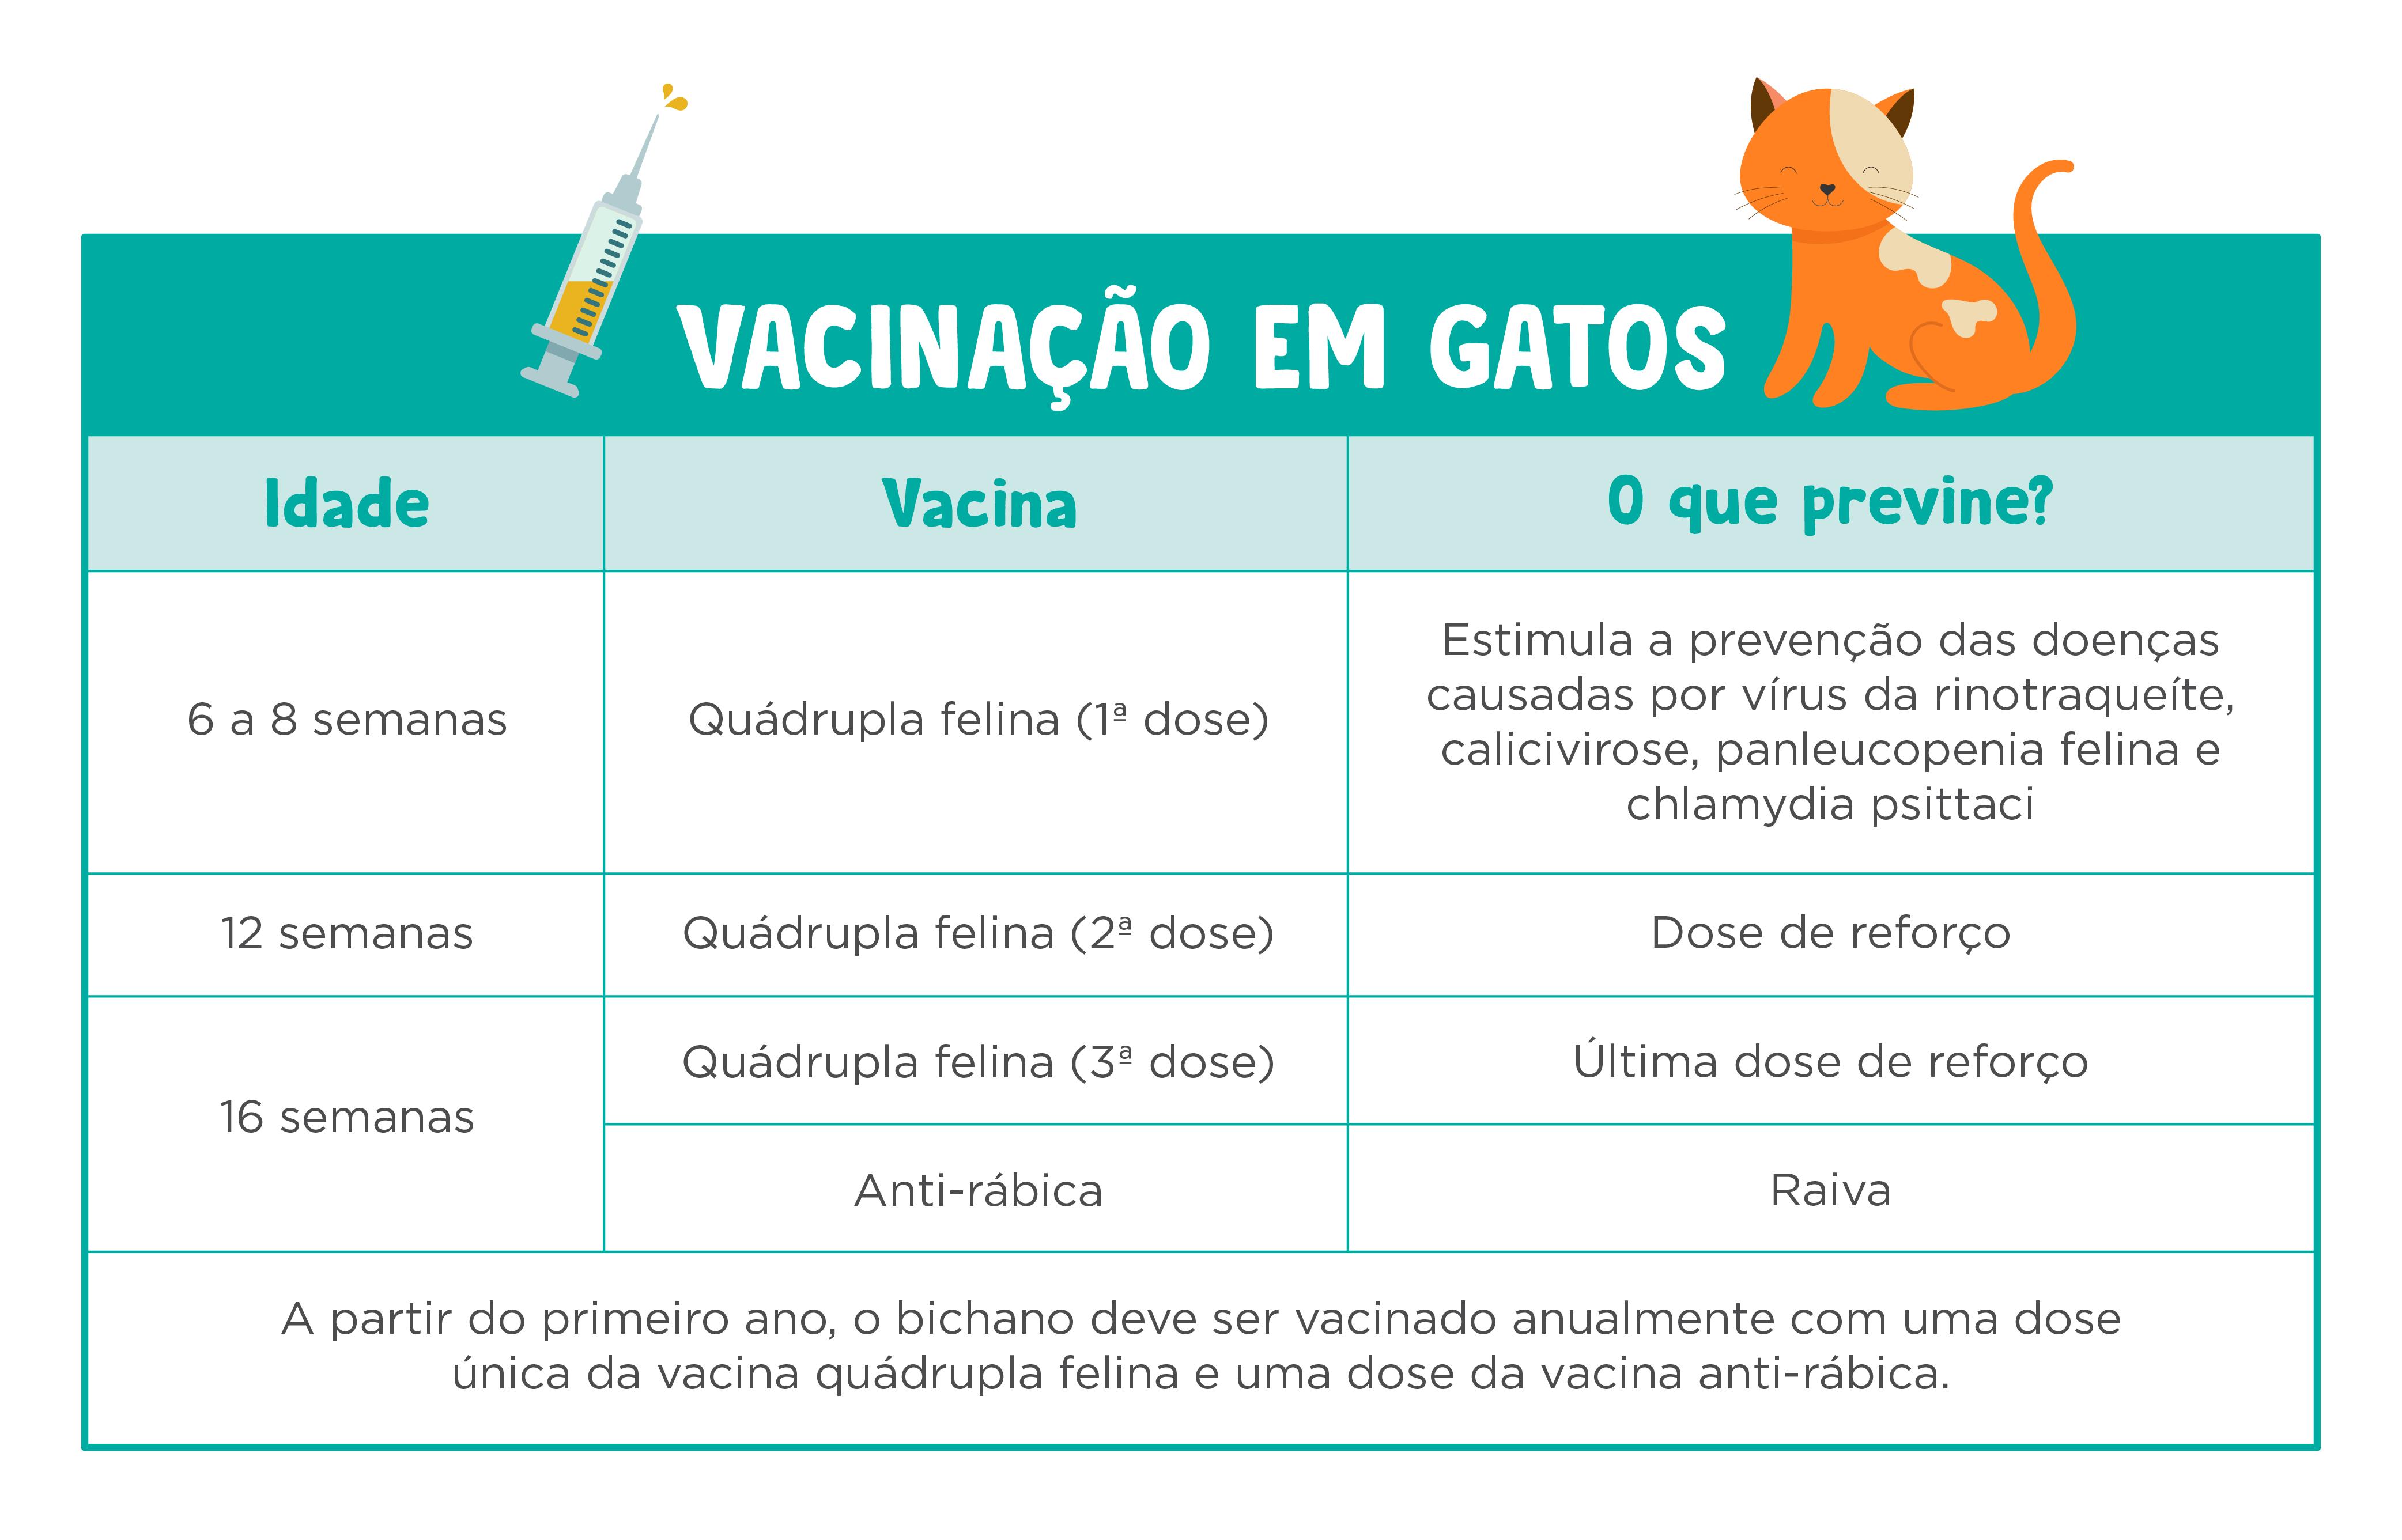 vp_tabela_artigo-vacinas_2-02